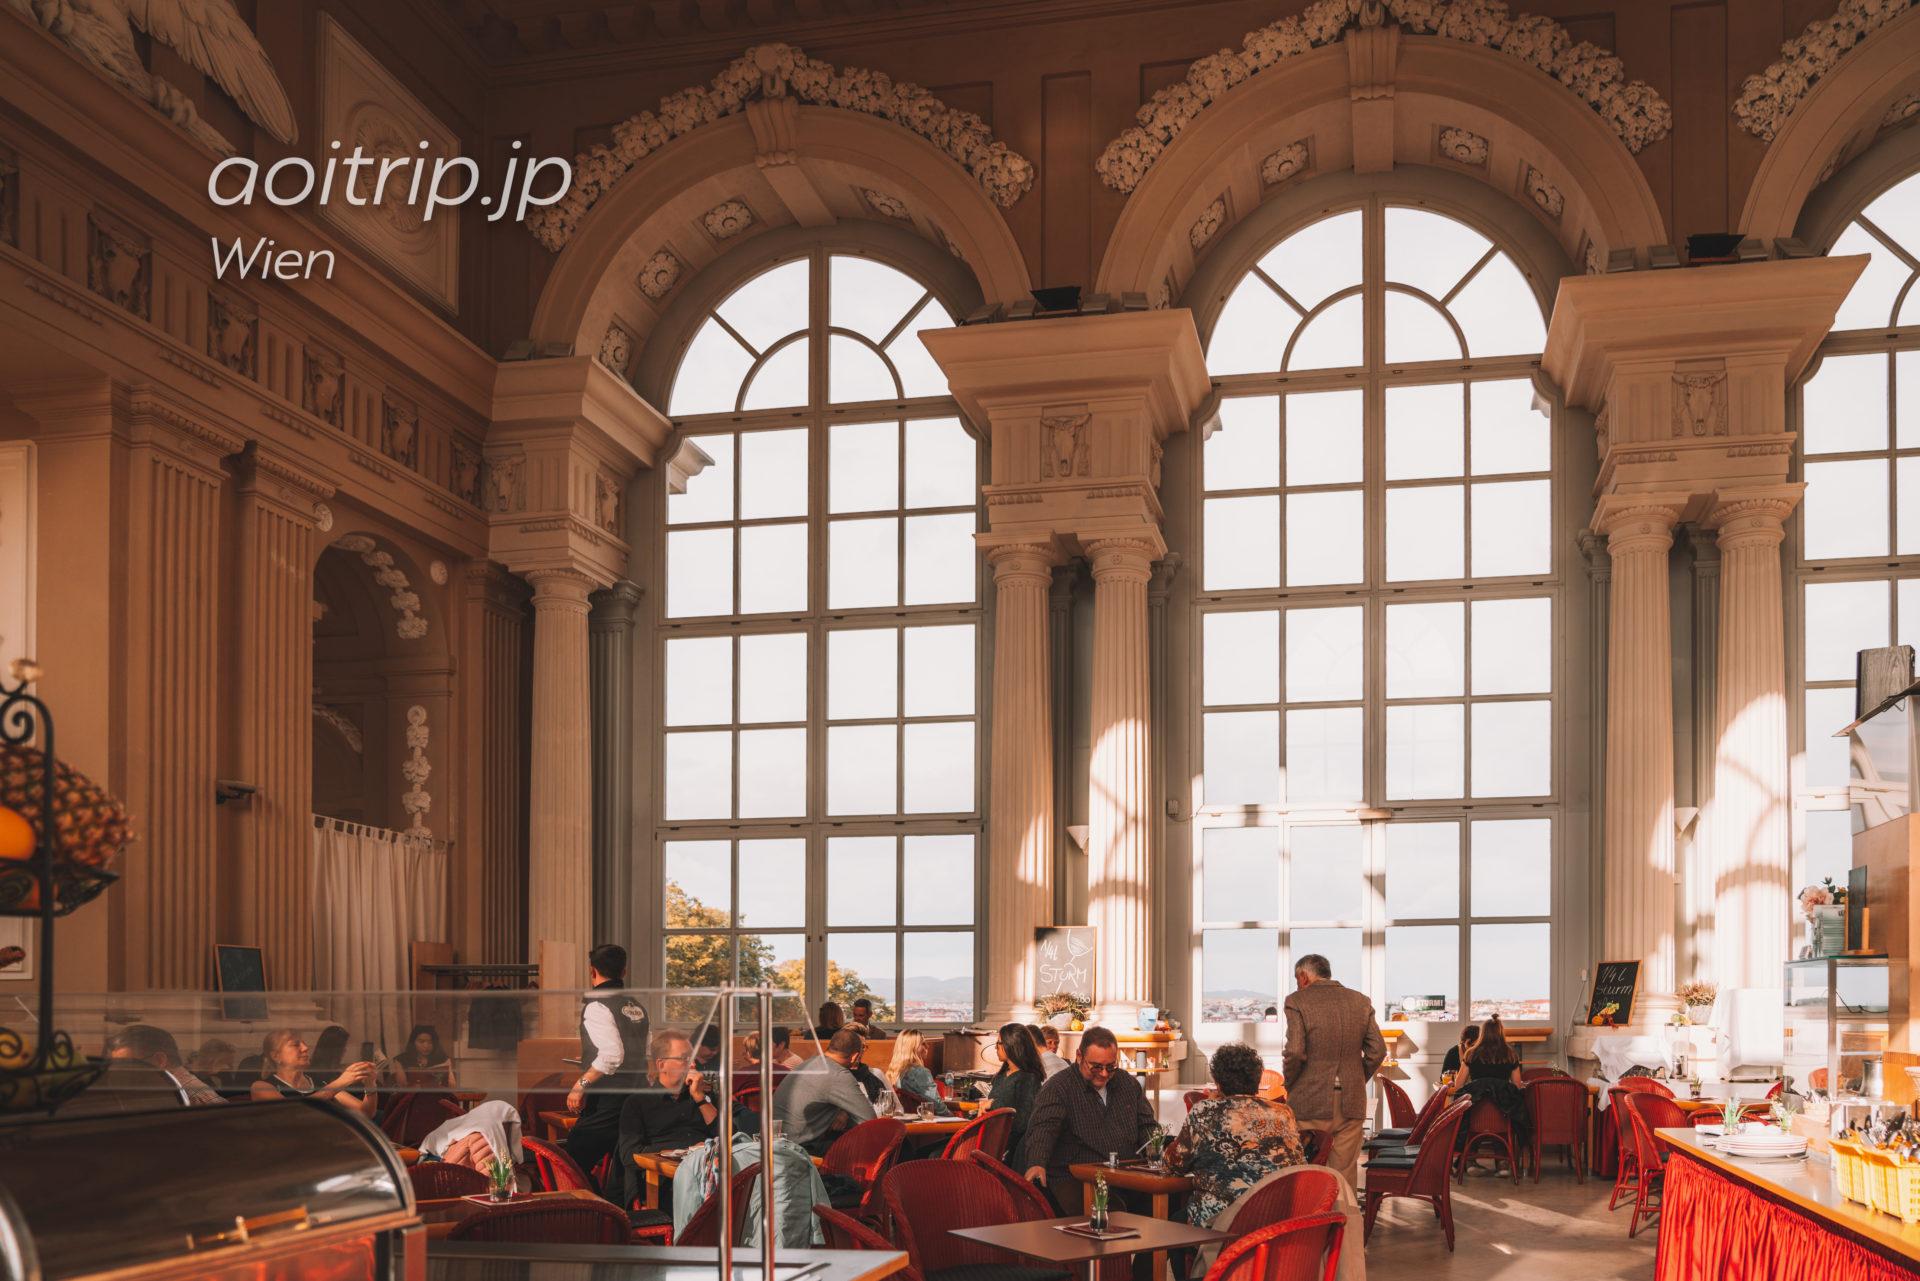 オーストリア ウィーンのシェーンブルン宮殿 Café Gloriette